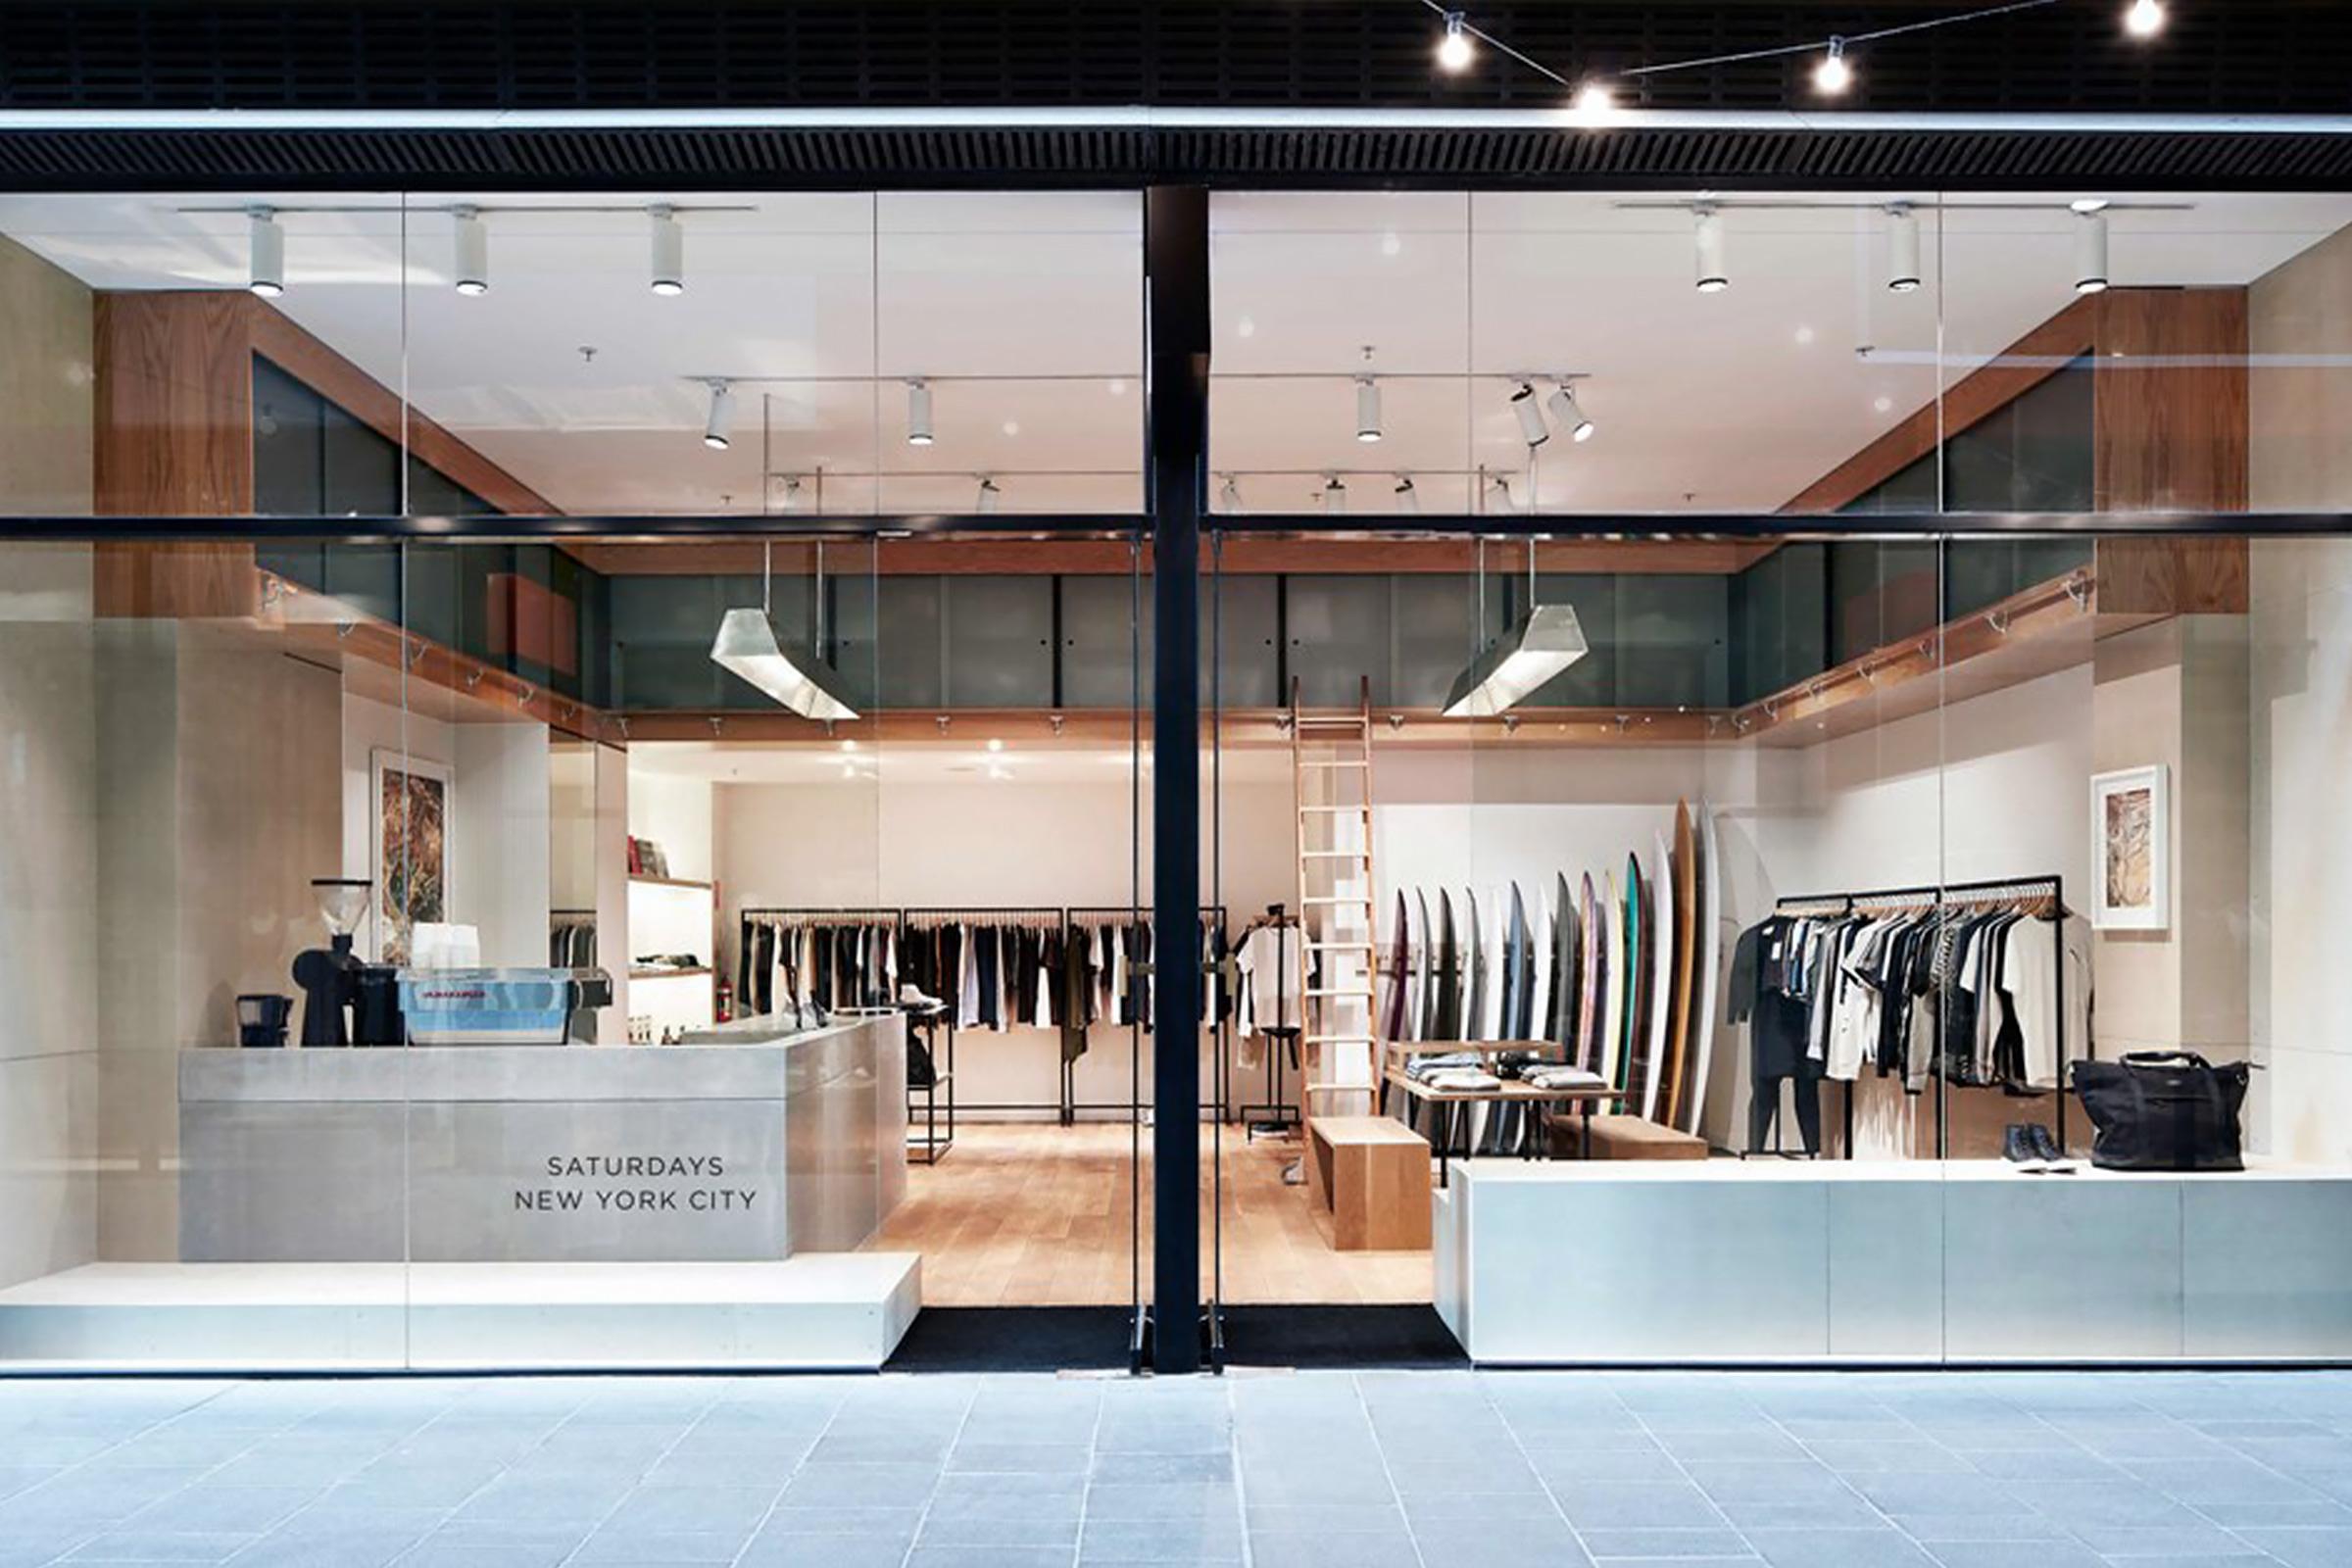 Fashion Boutique In Melbourne | Saturdays NYC